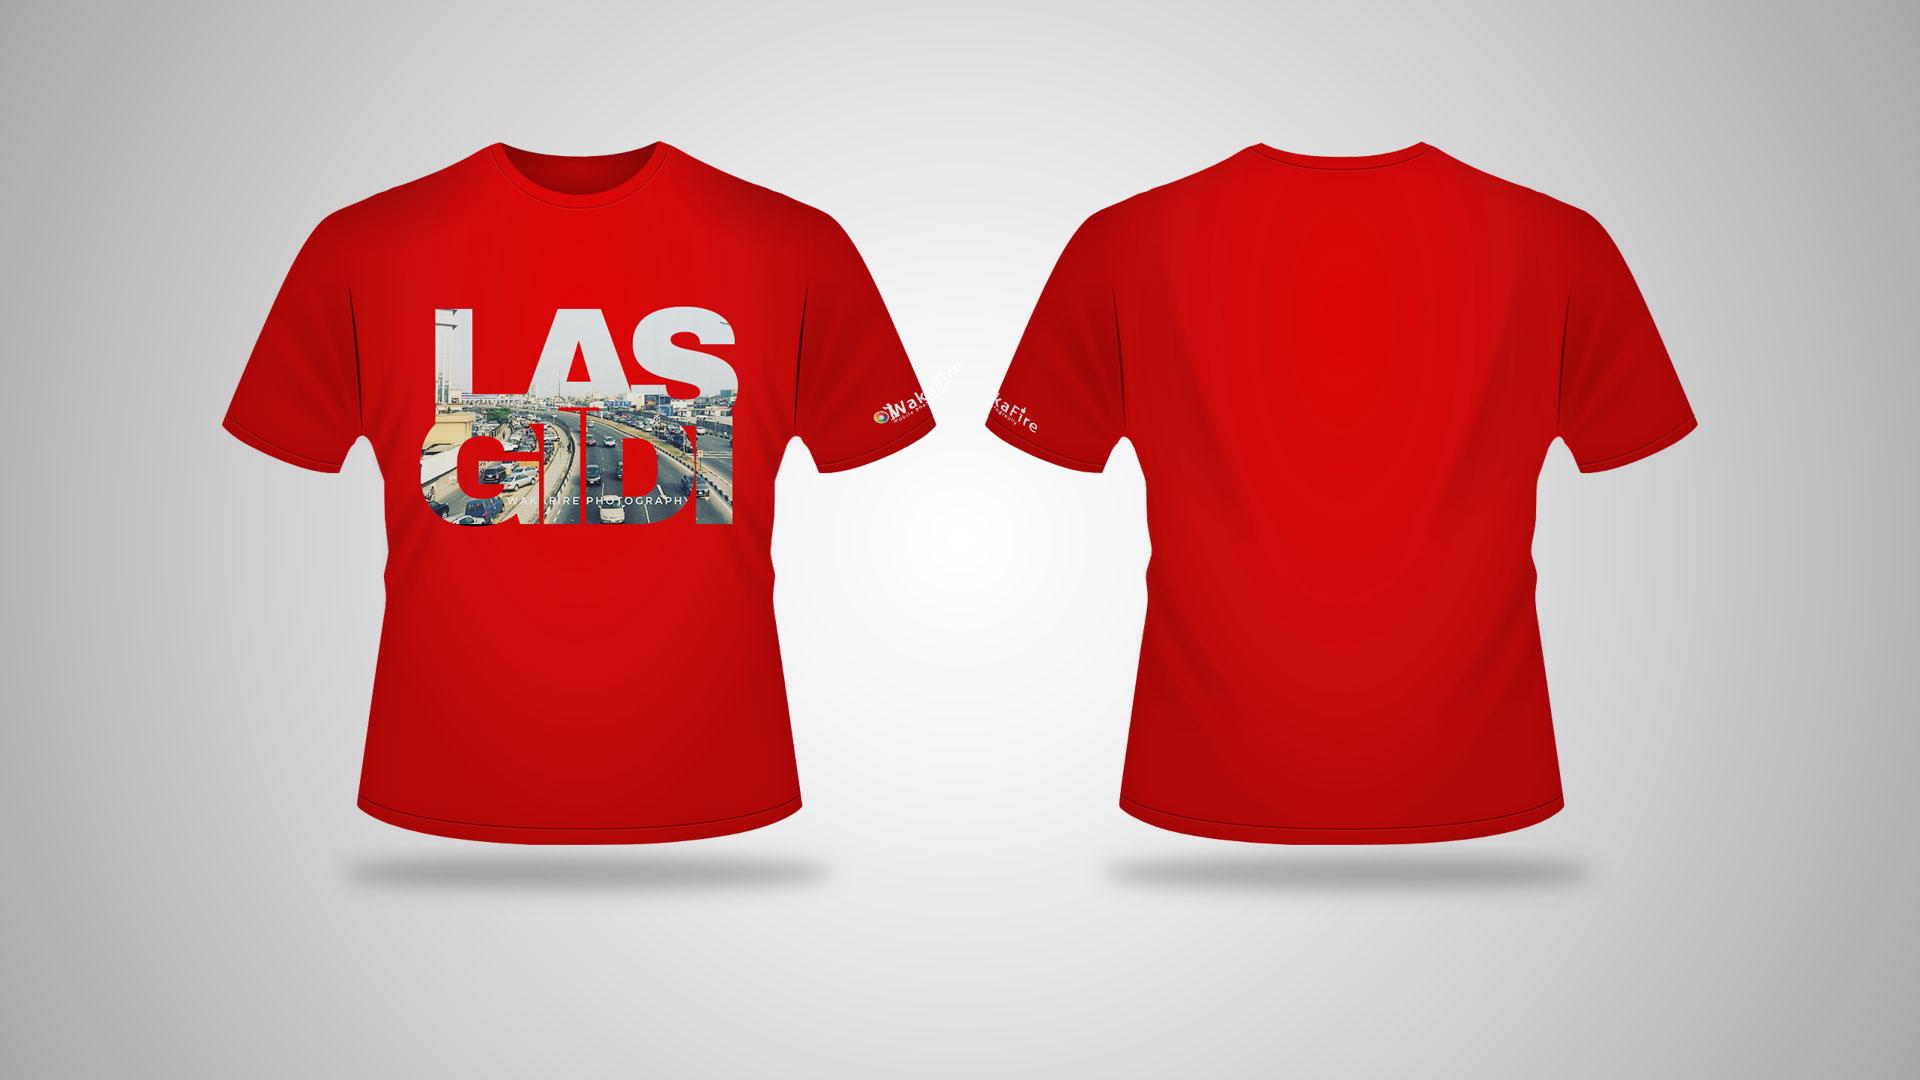 main-road-traffic-shirt.jpg